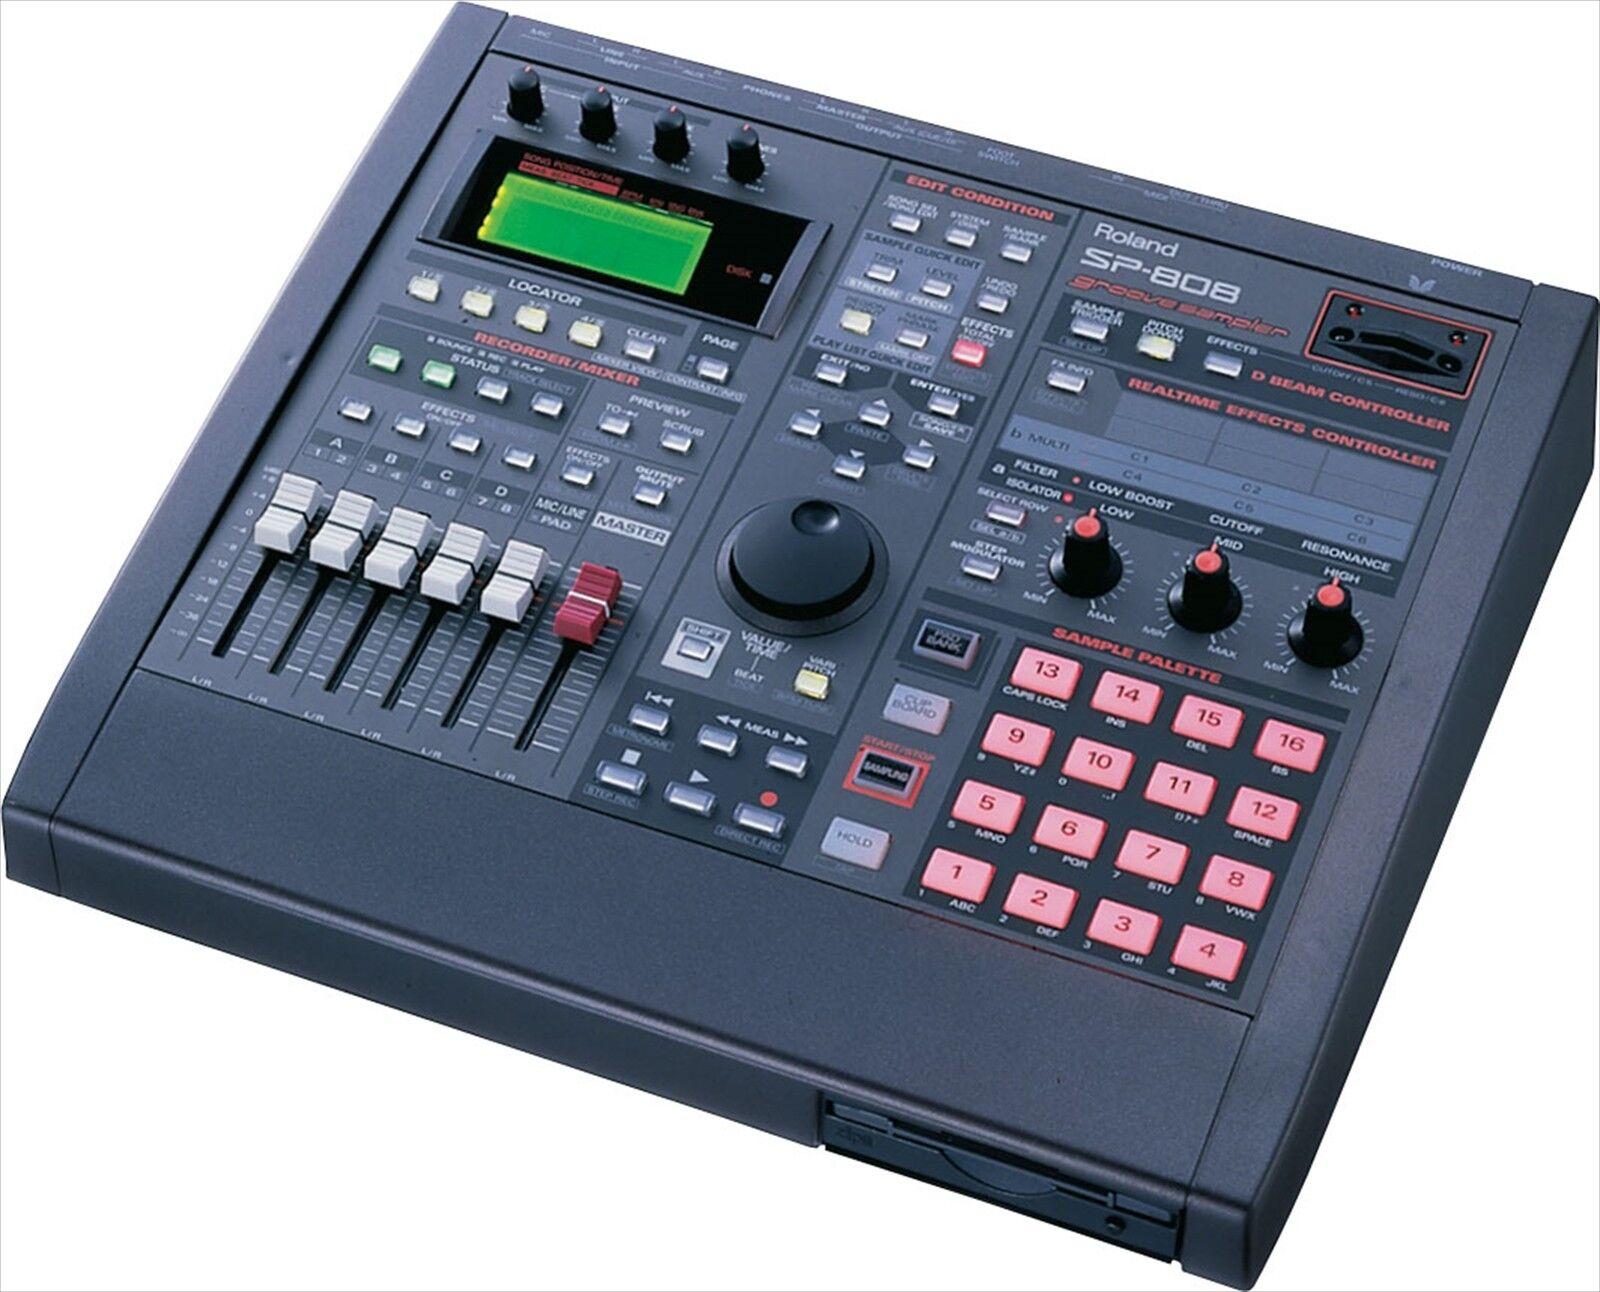 Roland Groove Sampler SP-808 Desktop Sequencer Used F S EMS from Japan